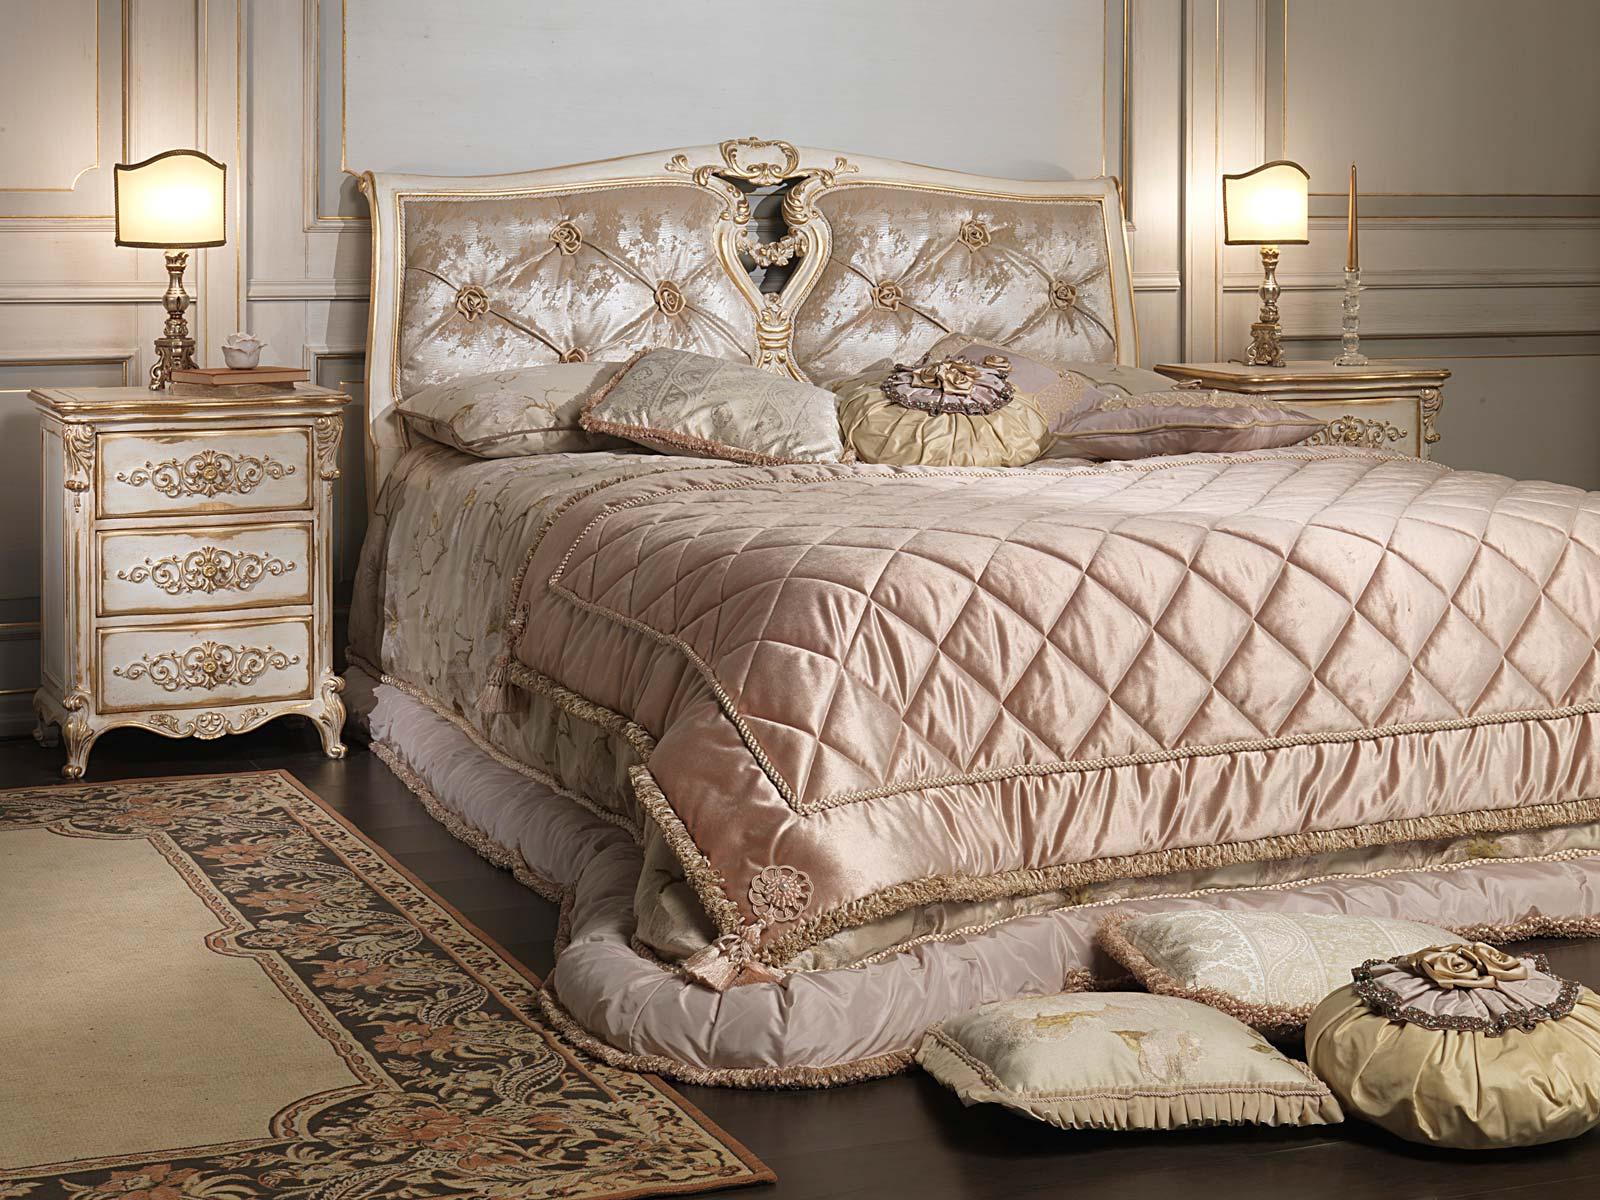 Camera da letto classica in stile luigi xvi letto con testata capitonn e comodino in legno - Camera da letto luigi filippo ...